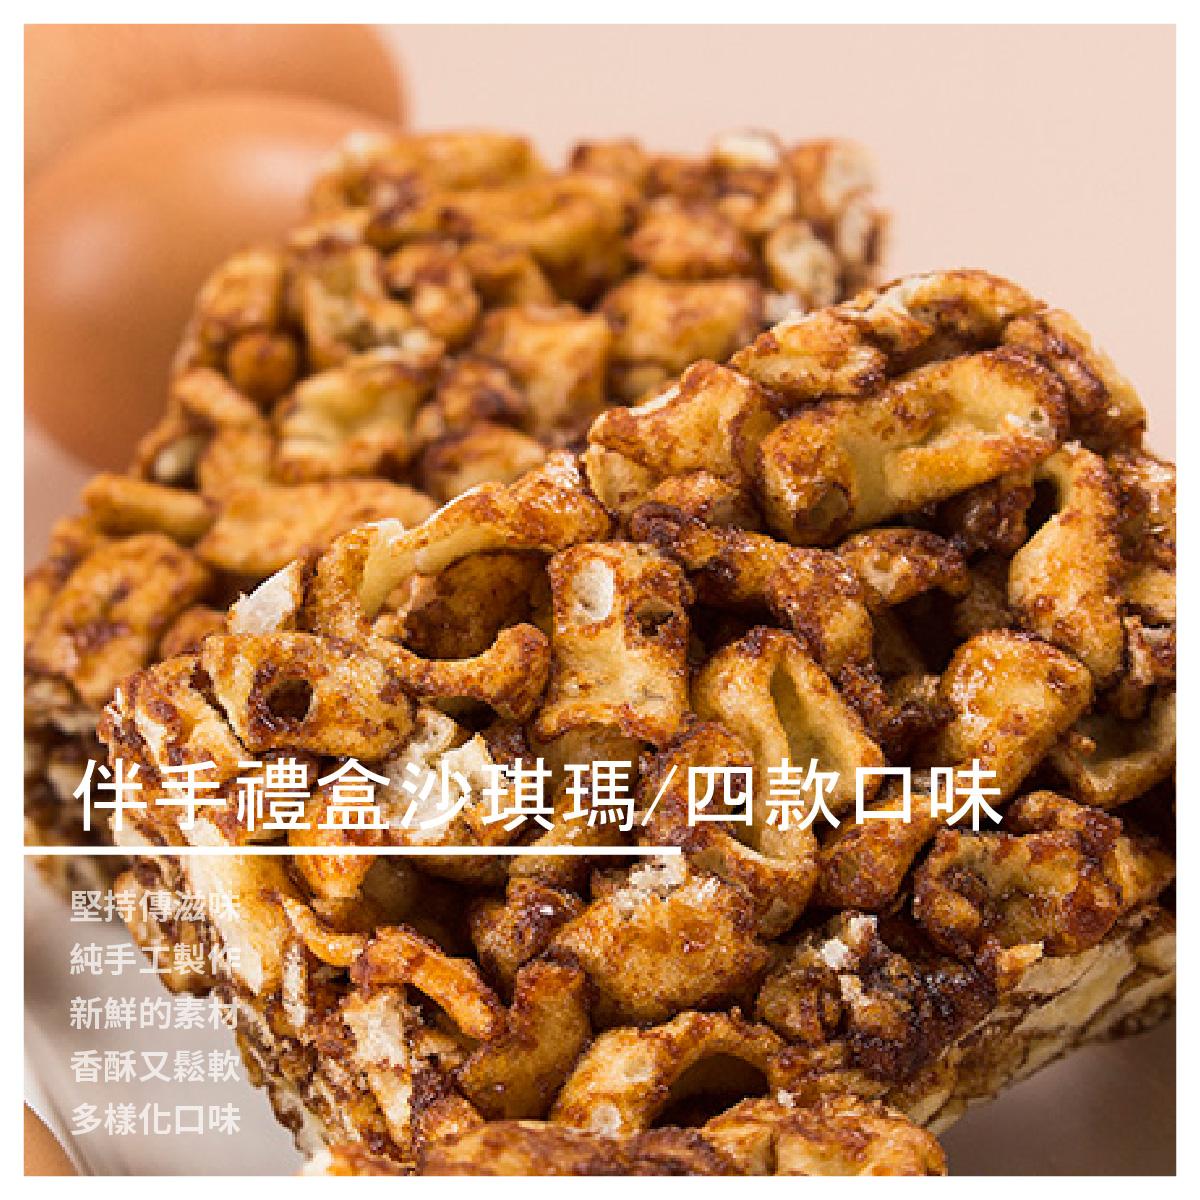 【口留香餅舖】伴手禮盒沙琪瑪/24塊/盒/四款口味